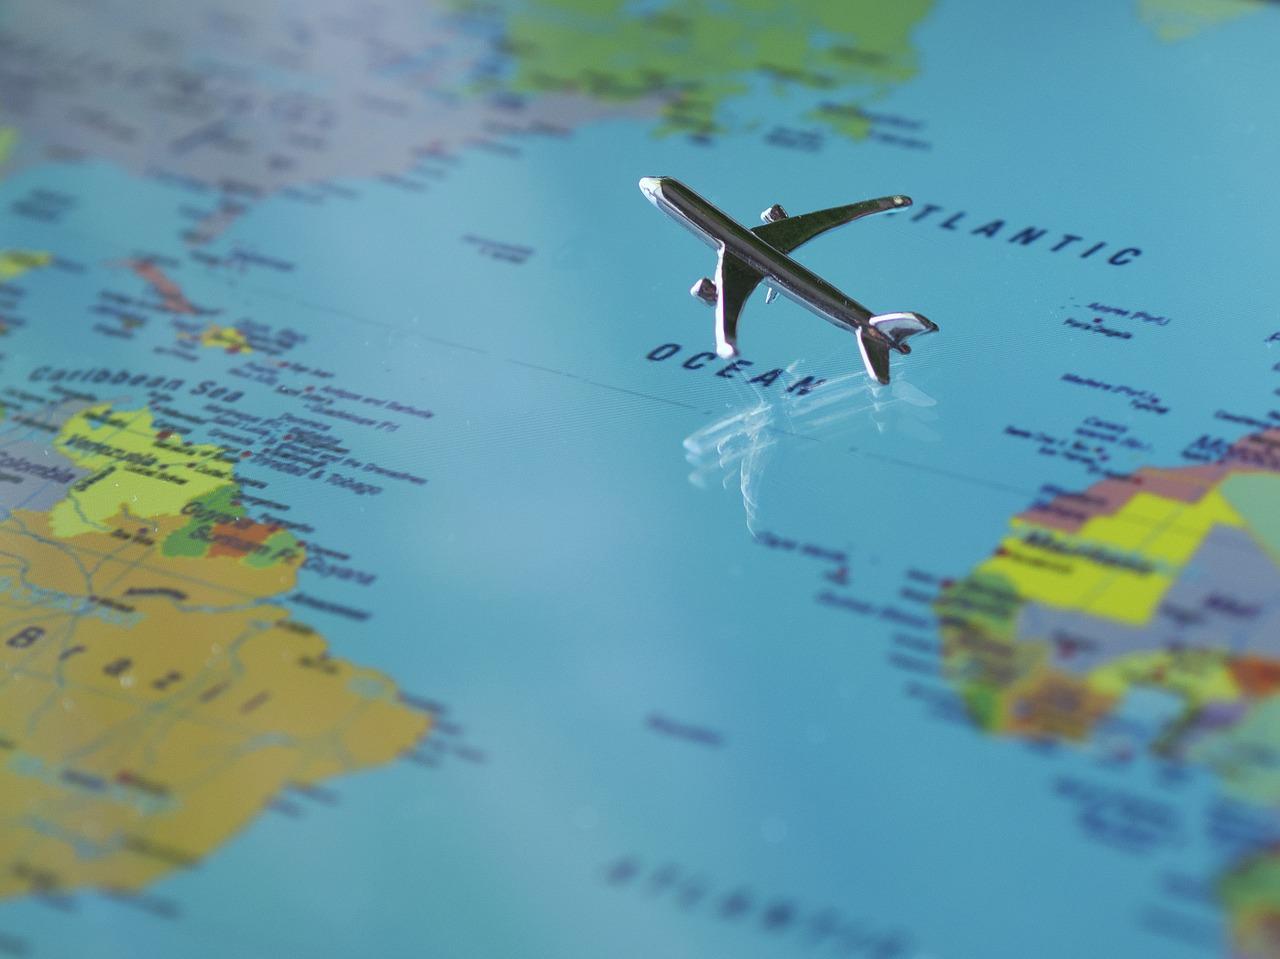 【海外旅行保険が付帯の法人カードはこちら】海外での感染症や交通事故にも手厚いサポート!